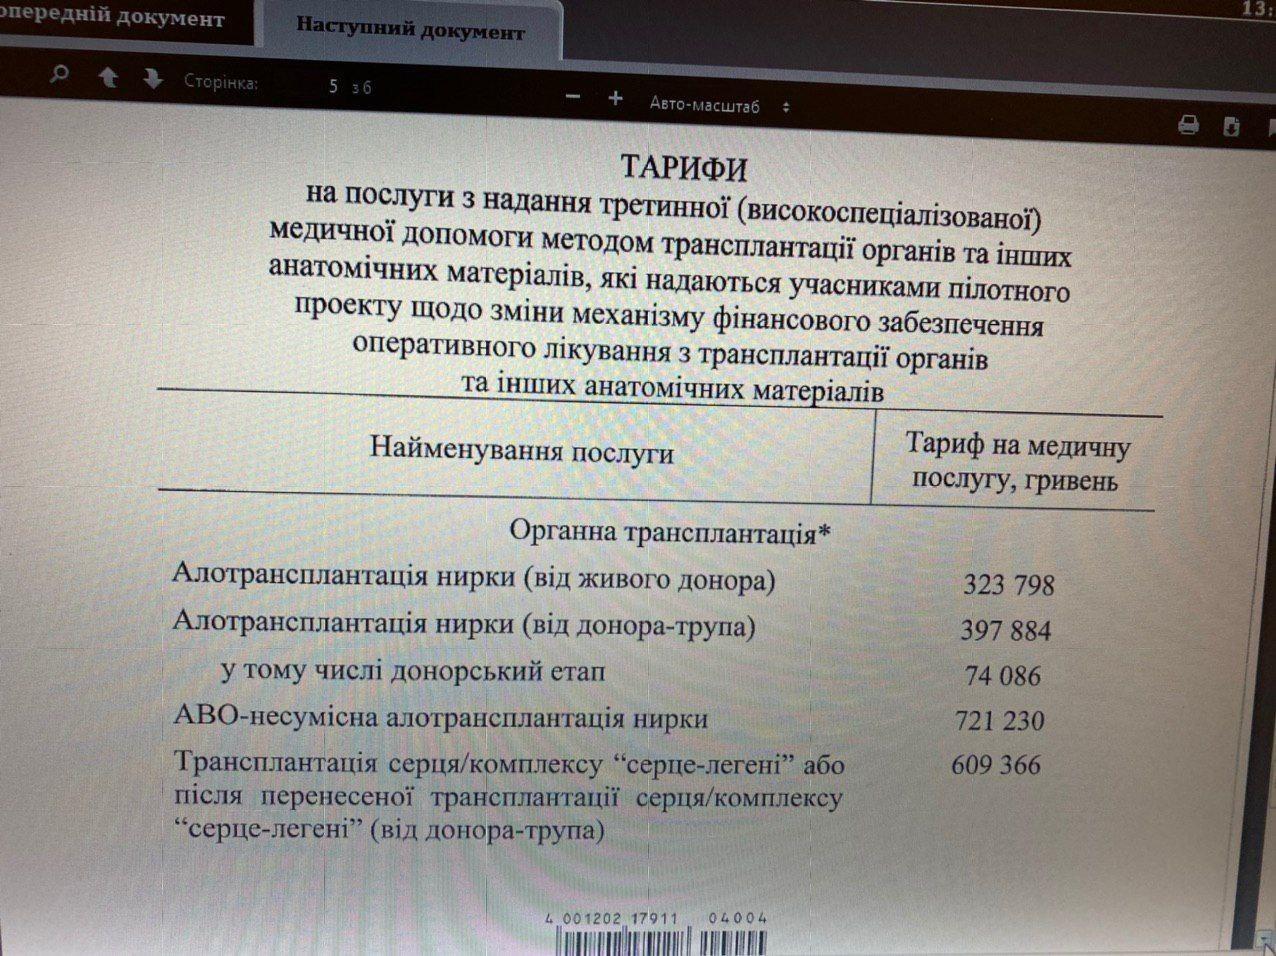 Кабмін затвердив ціни на пересадку органів в Україні: повний список